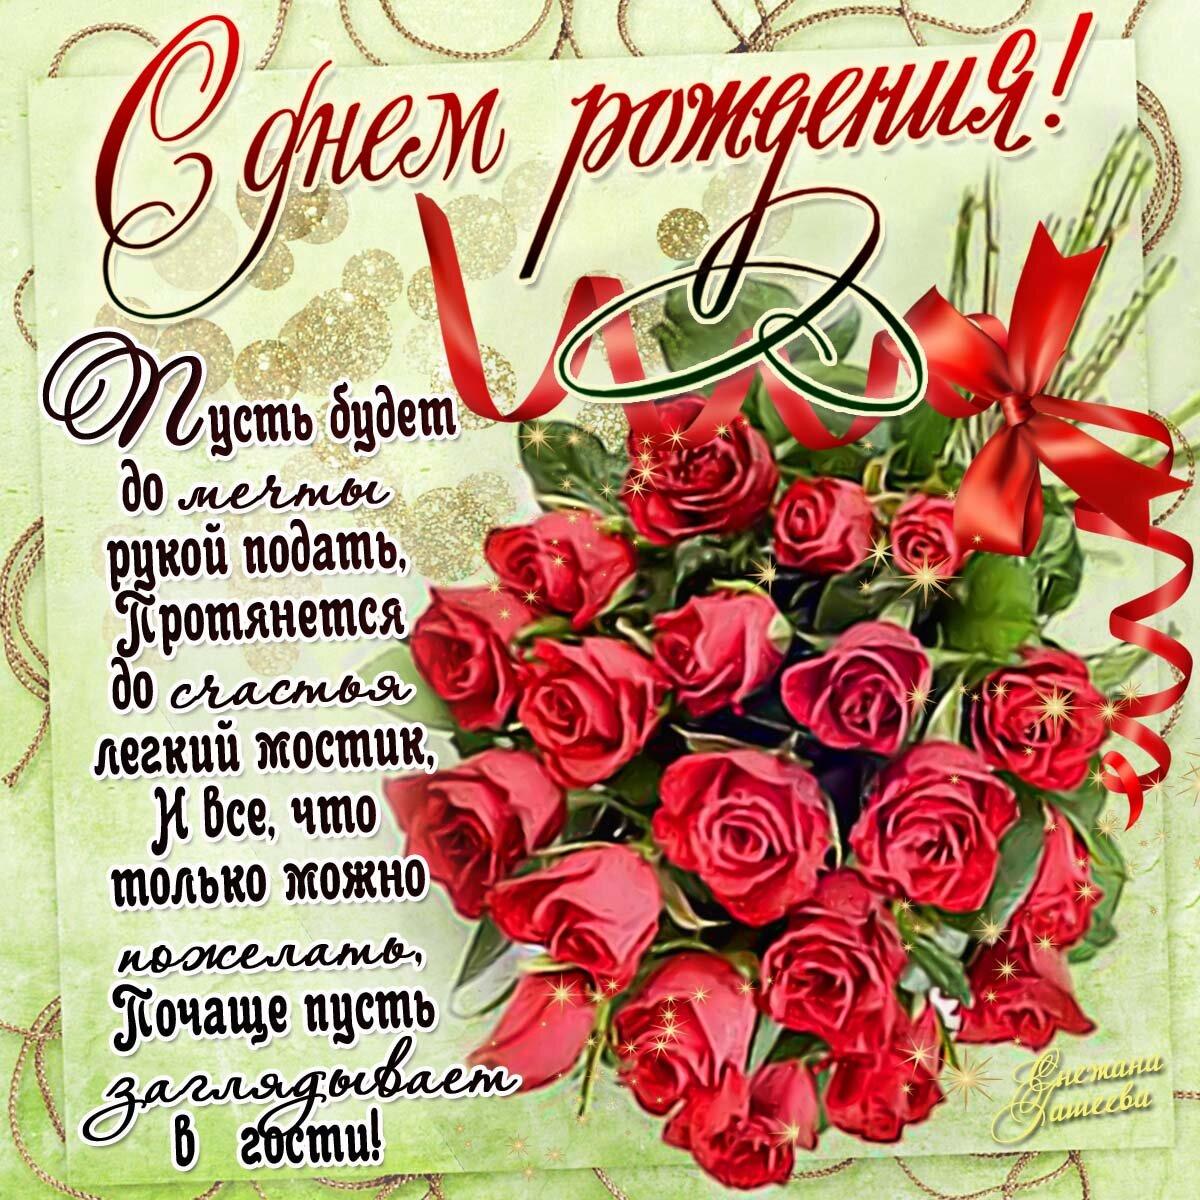 Поздравления с днем рожд открытка